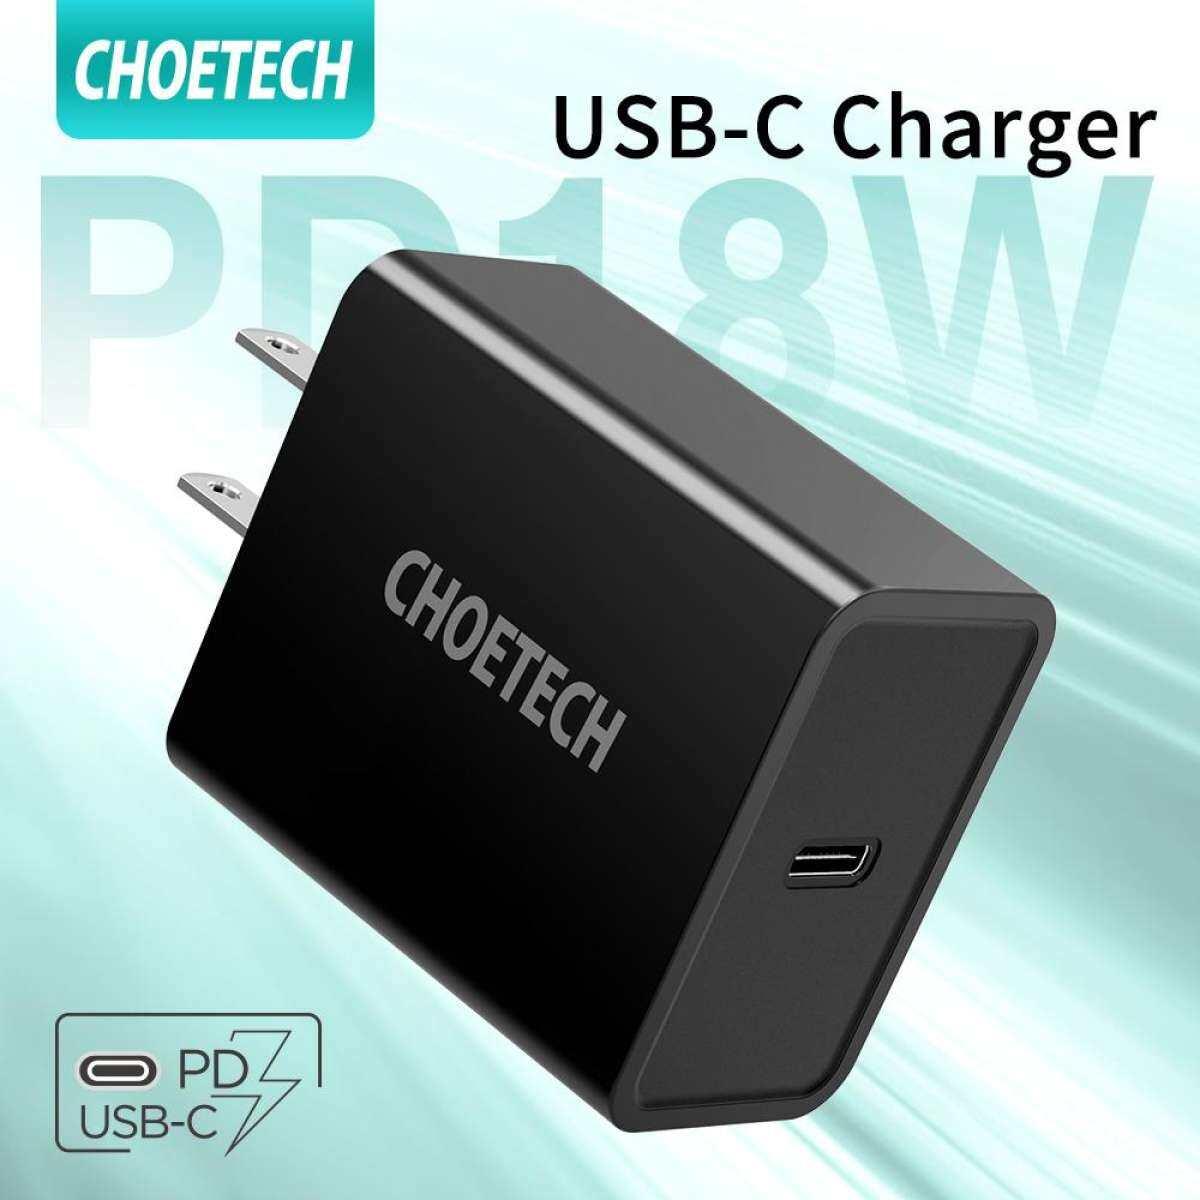 CHOETECH USB C Charger 18W Type C เครื่องชาร์จติดผนัง USB-C อะแดปเตอร์ iPhone iPad Pro galaxy Google Pixel 3/3 XL